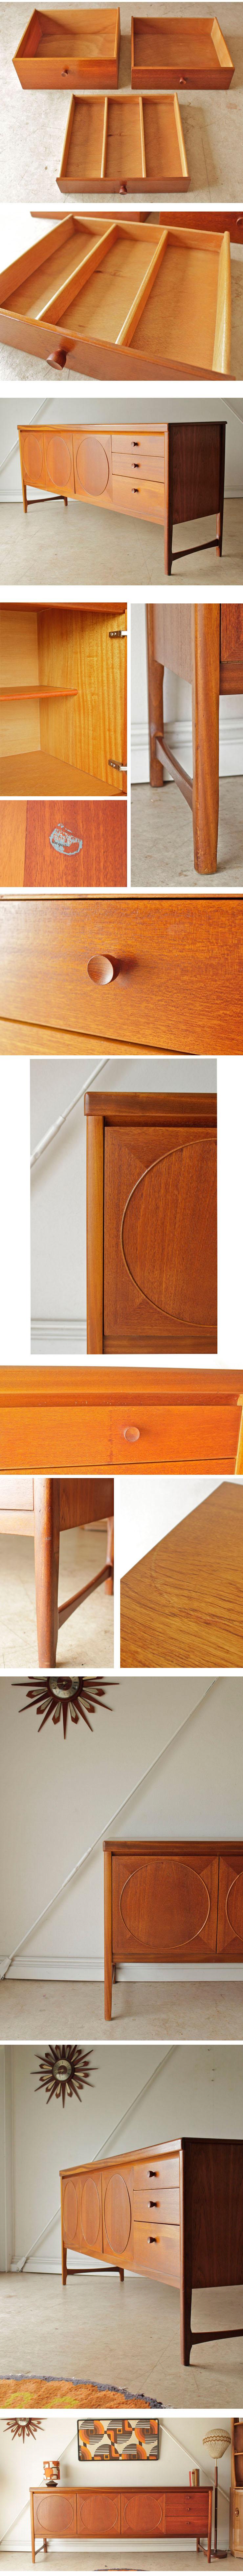 Nathanネイサン・サイドボード・テレビボード【サークル】【ビンテージチーク】ミッドセンチュリー家具014057